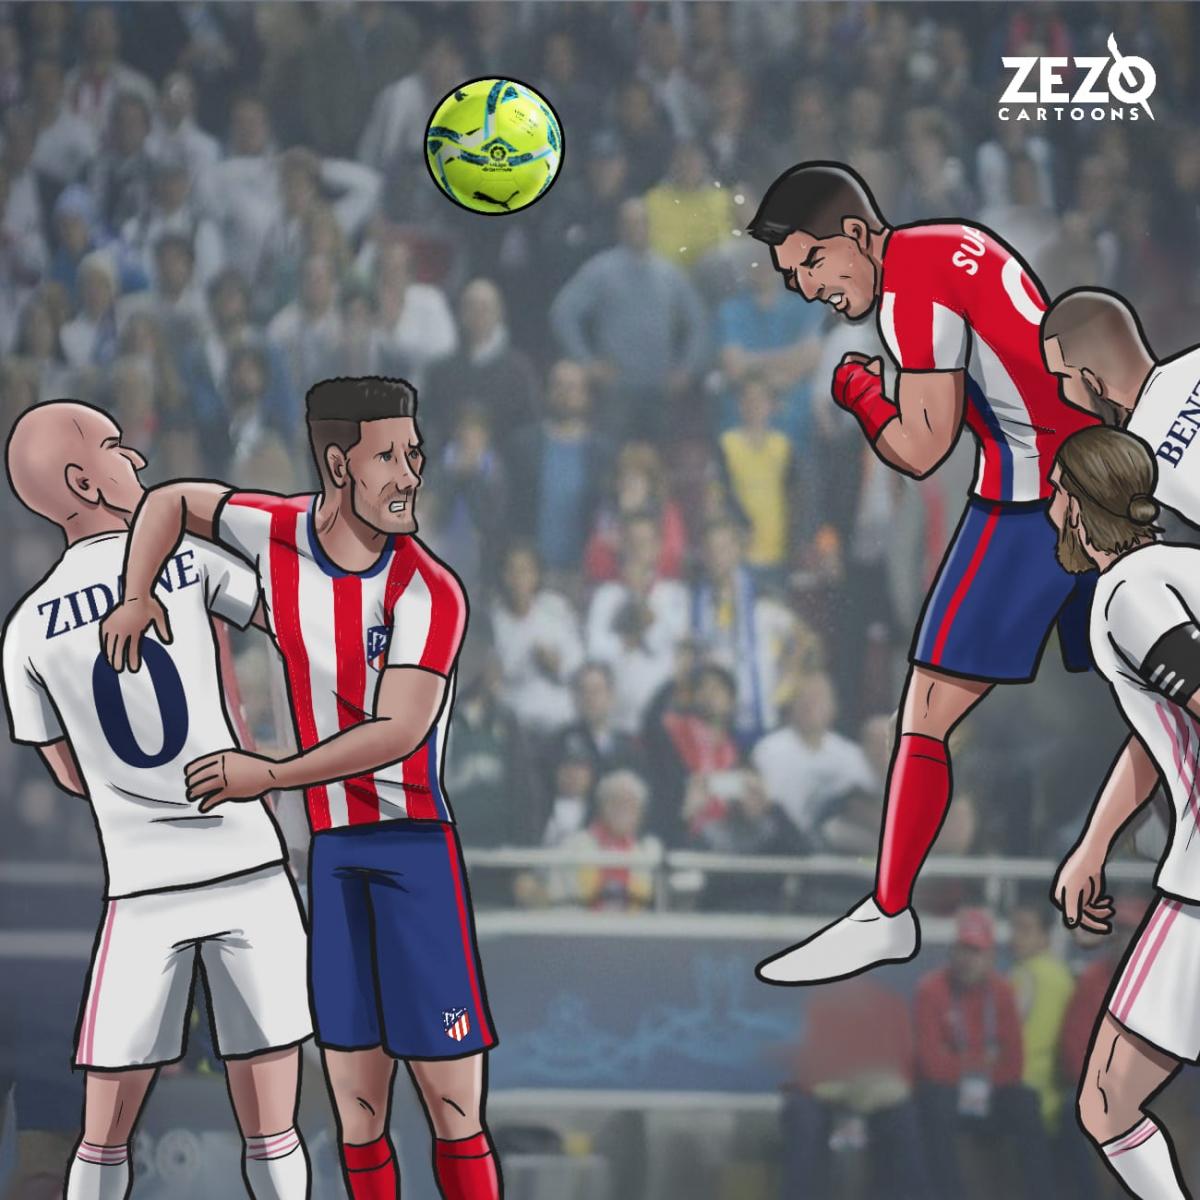 Cuộc đua vô địch ở La Liga đang diễn ra rất quyết liệt. (Ảnh: Zezo Cartoons).